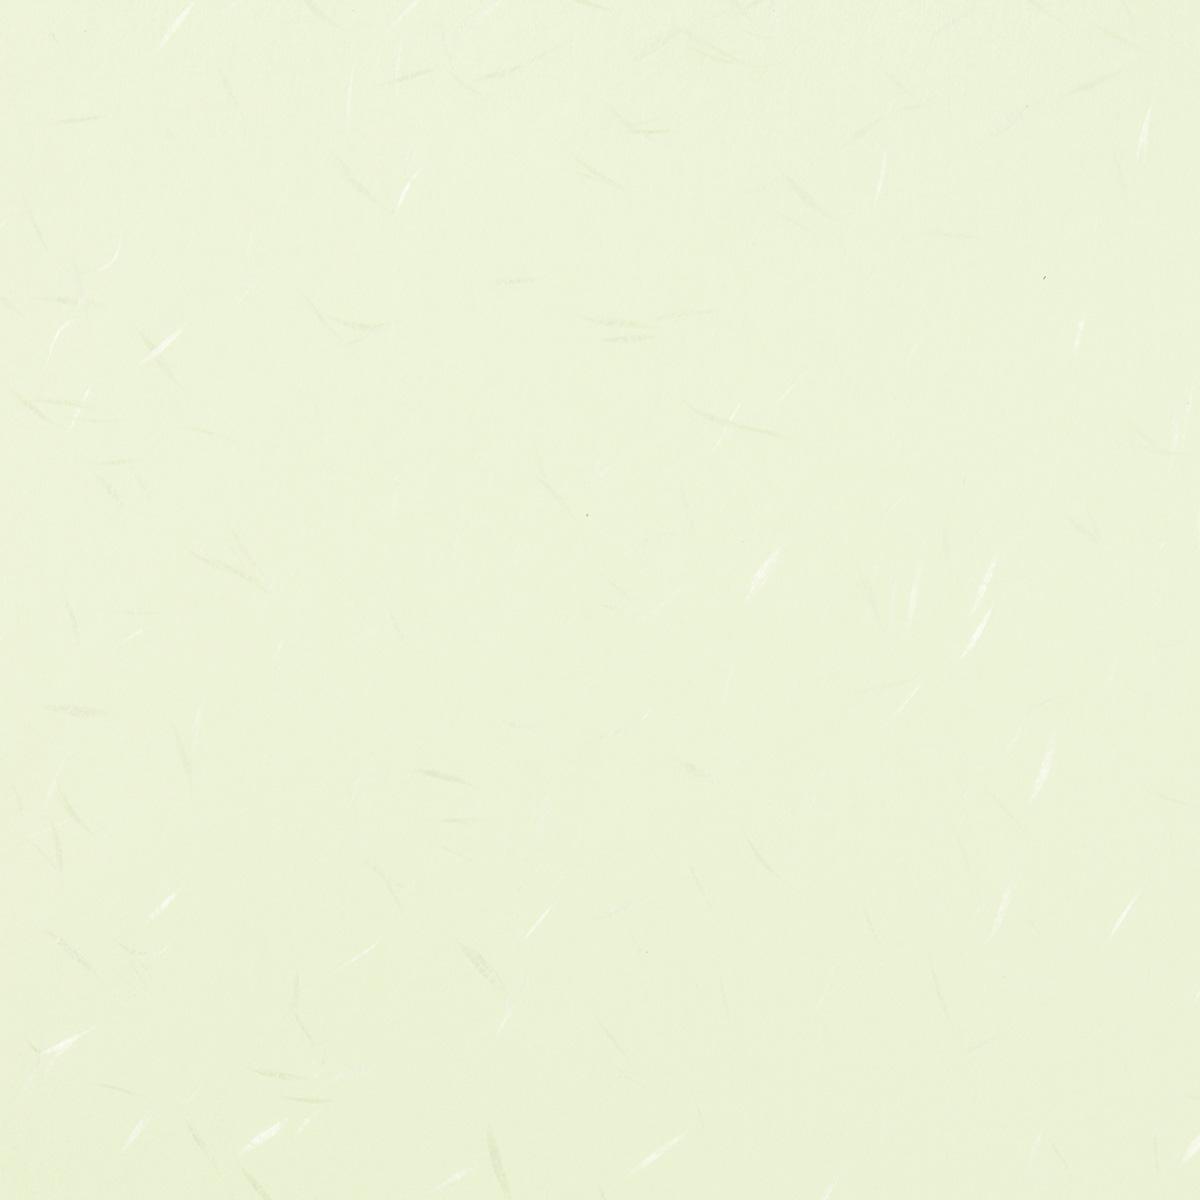 月華ニューカラー B4サイズ(50枚入) No.34 ウグイス